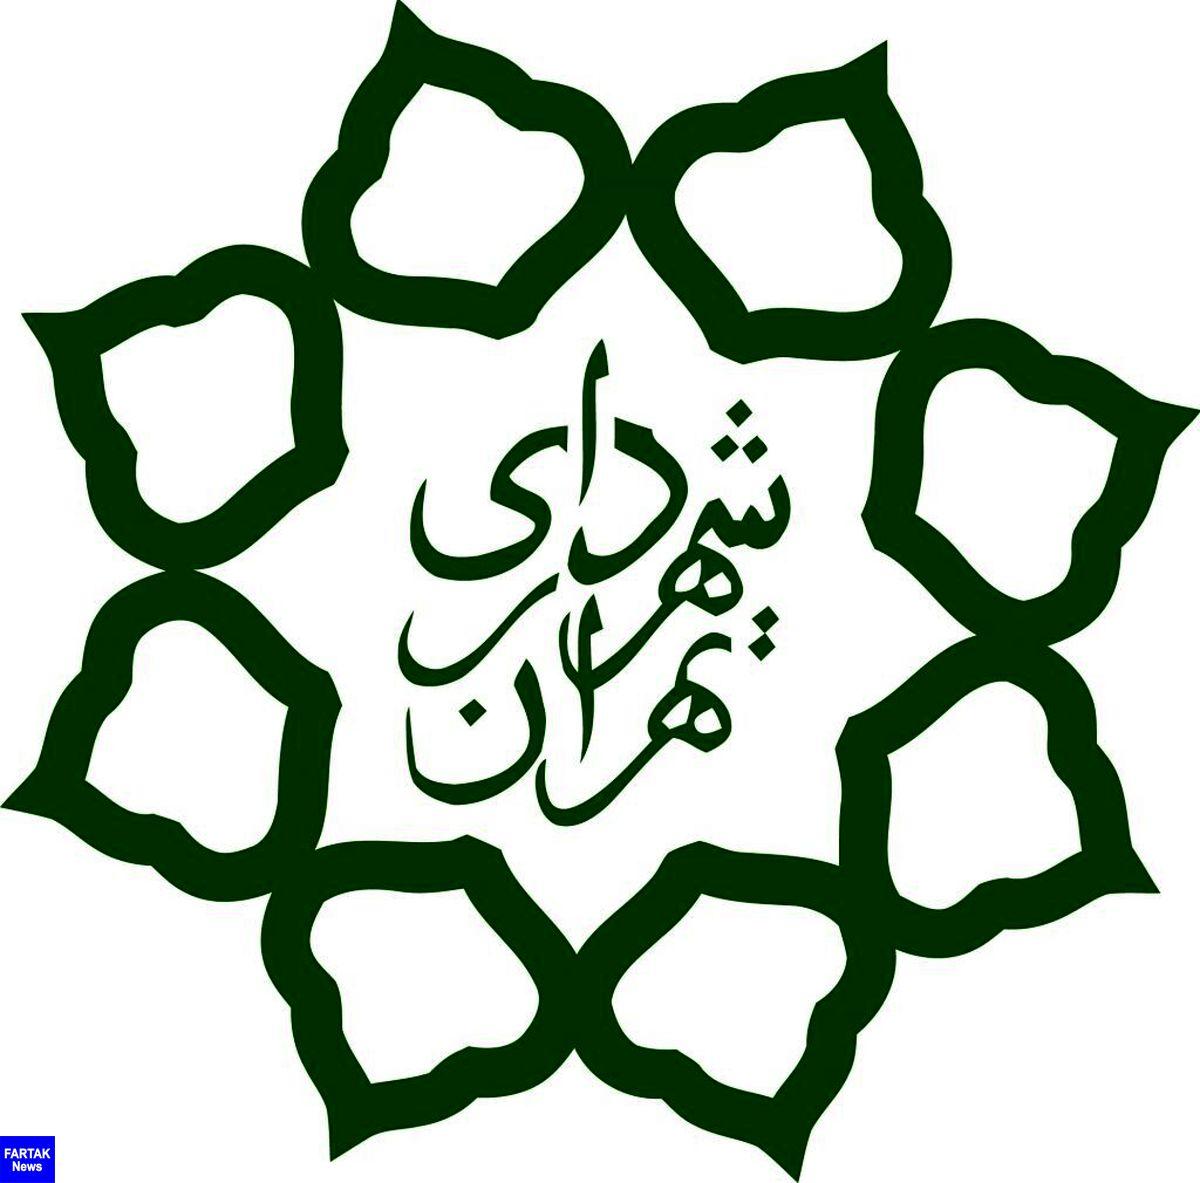 تذکر به شهردار تهران برای پرداخت حقوق پاکبانان